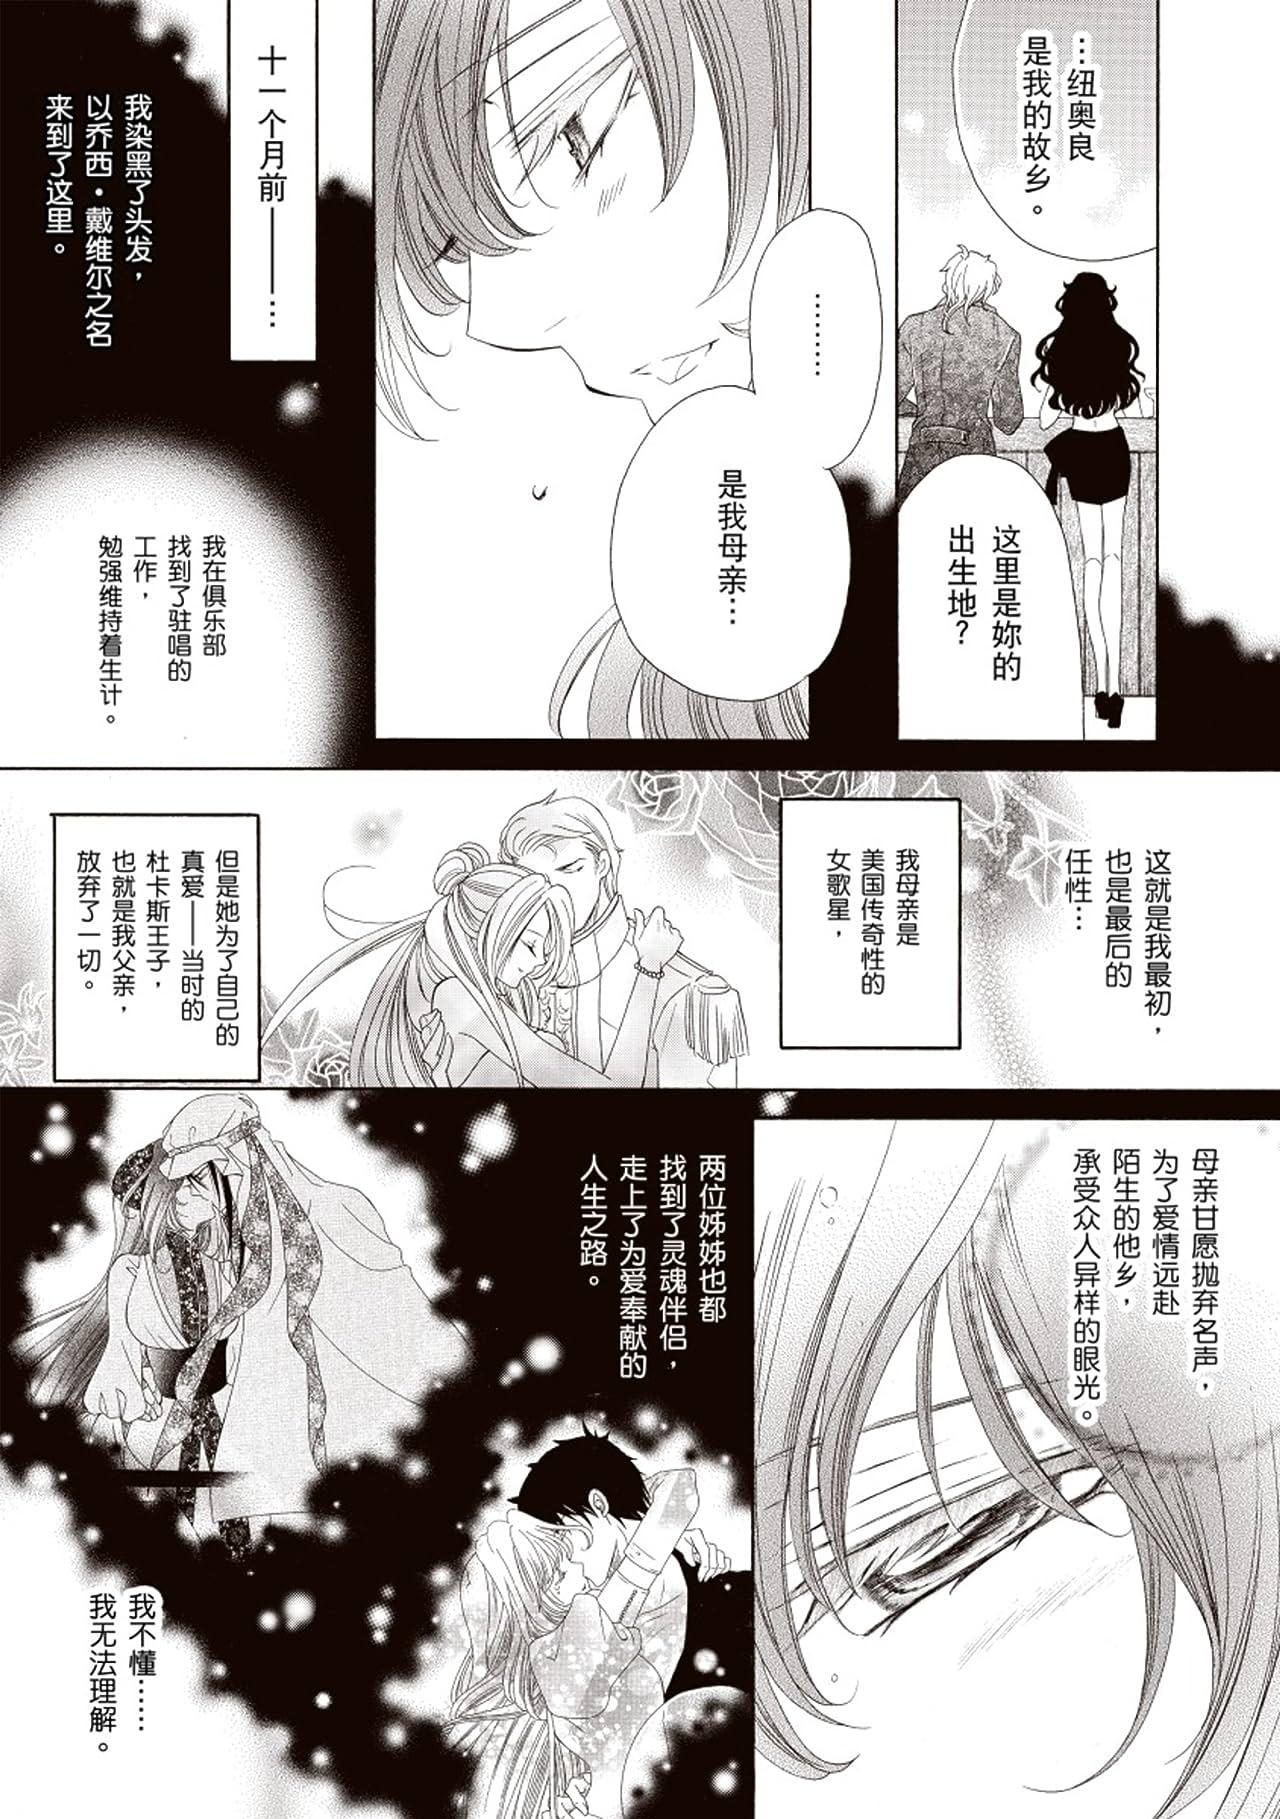 坠入凡间的公主 异国恋曲系列Ⅲ